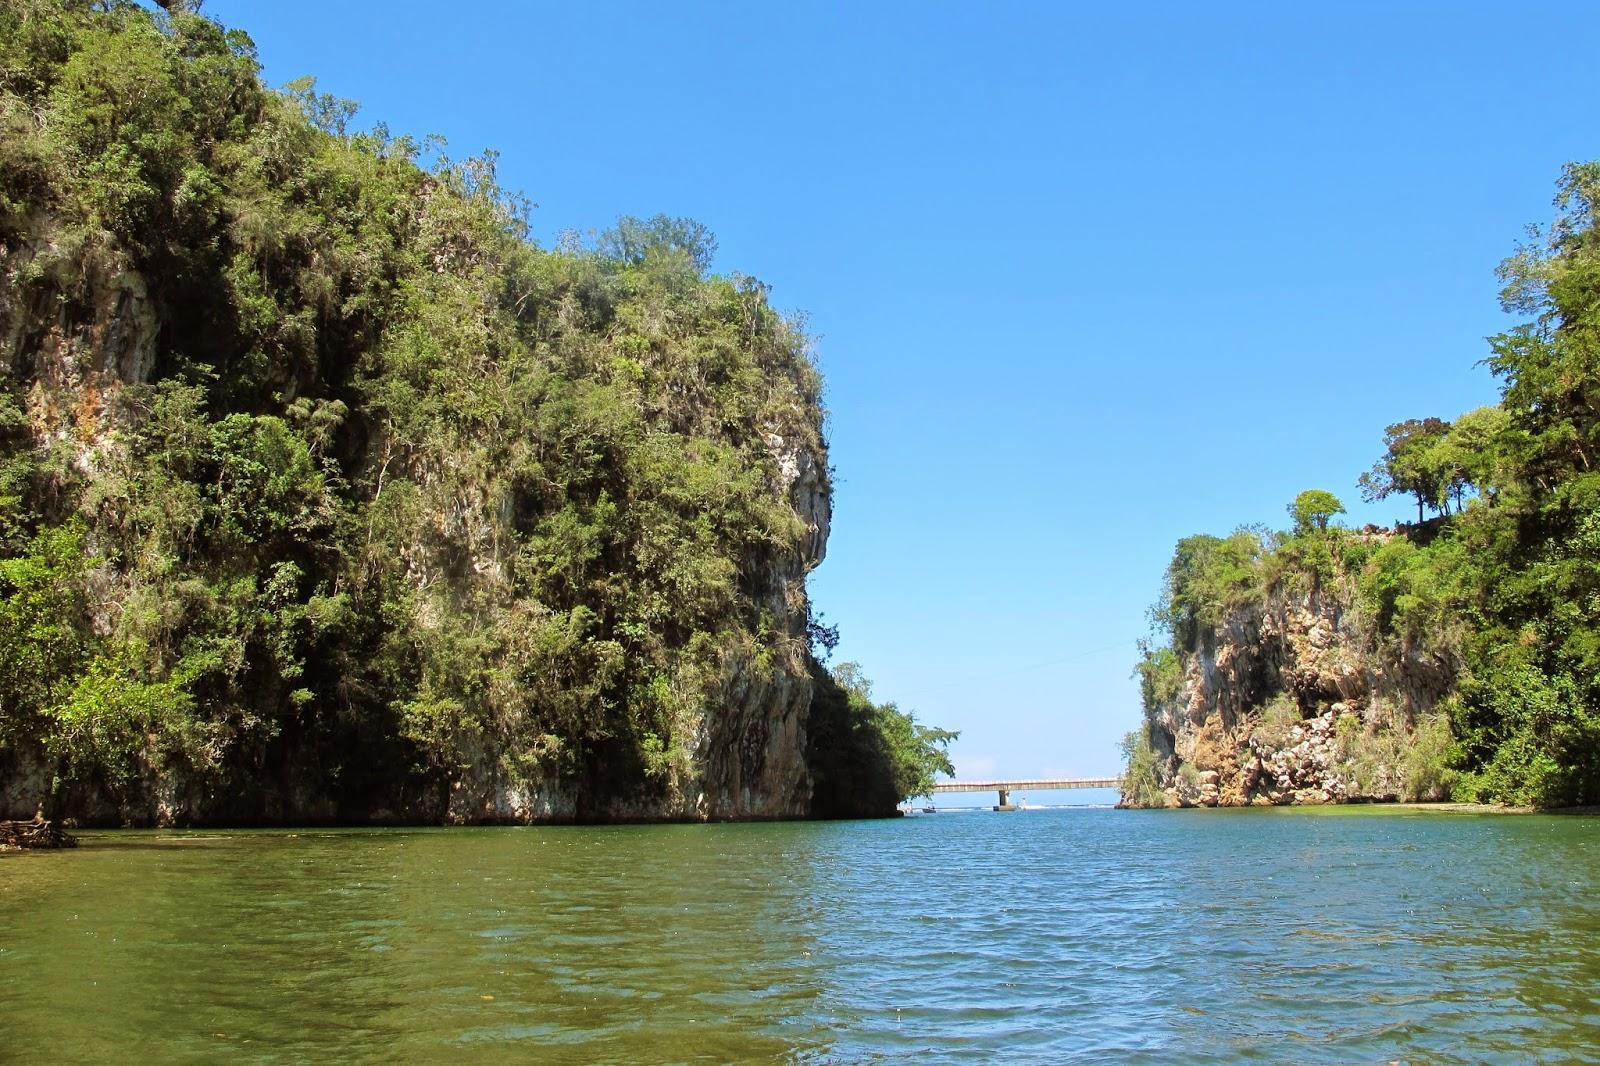 Cânion Yumuri, próximo de Baracoa, uma das regiões mais remotas de Cuba.